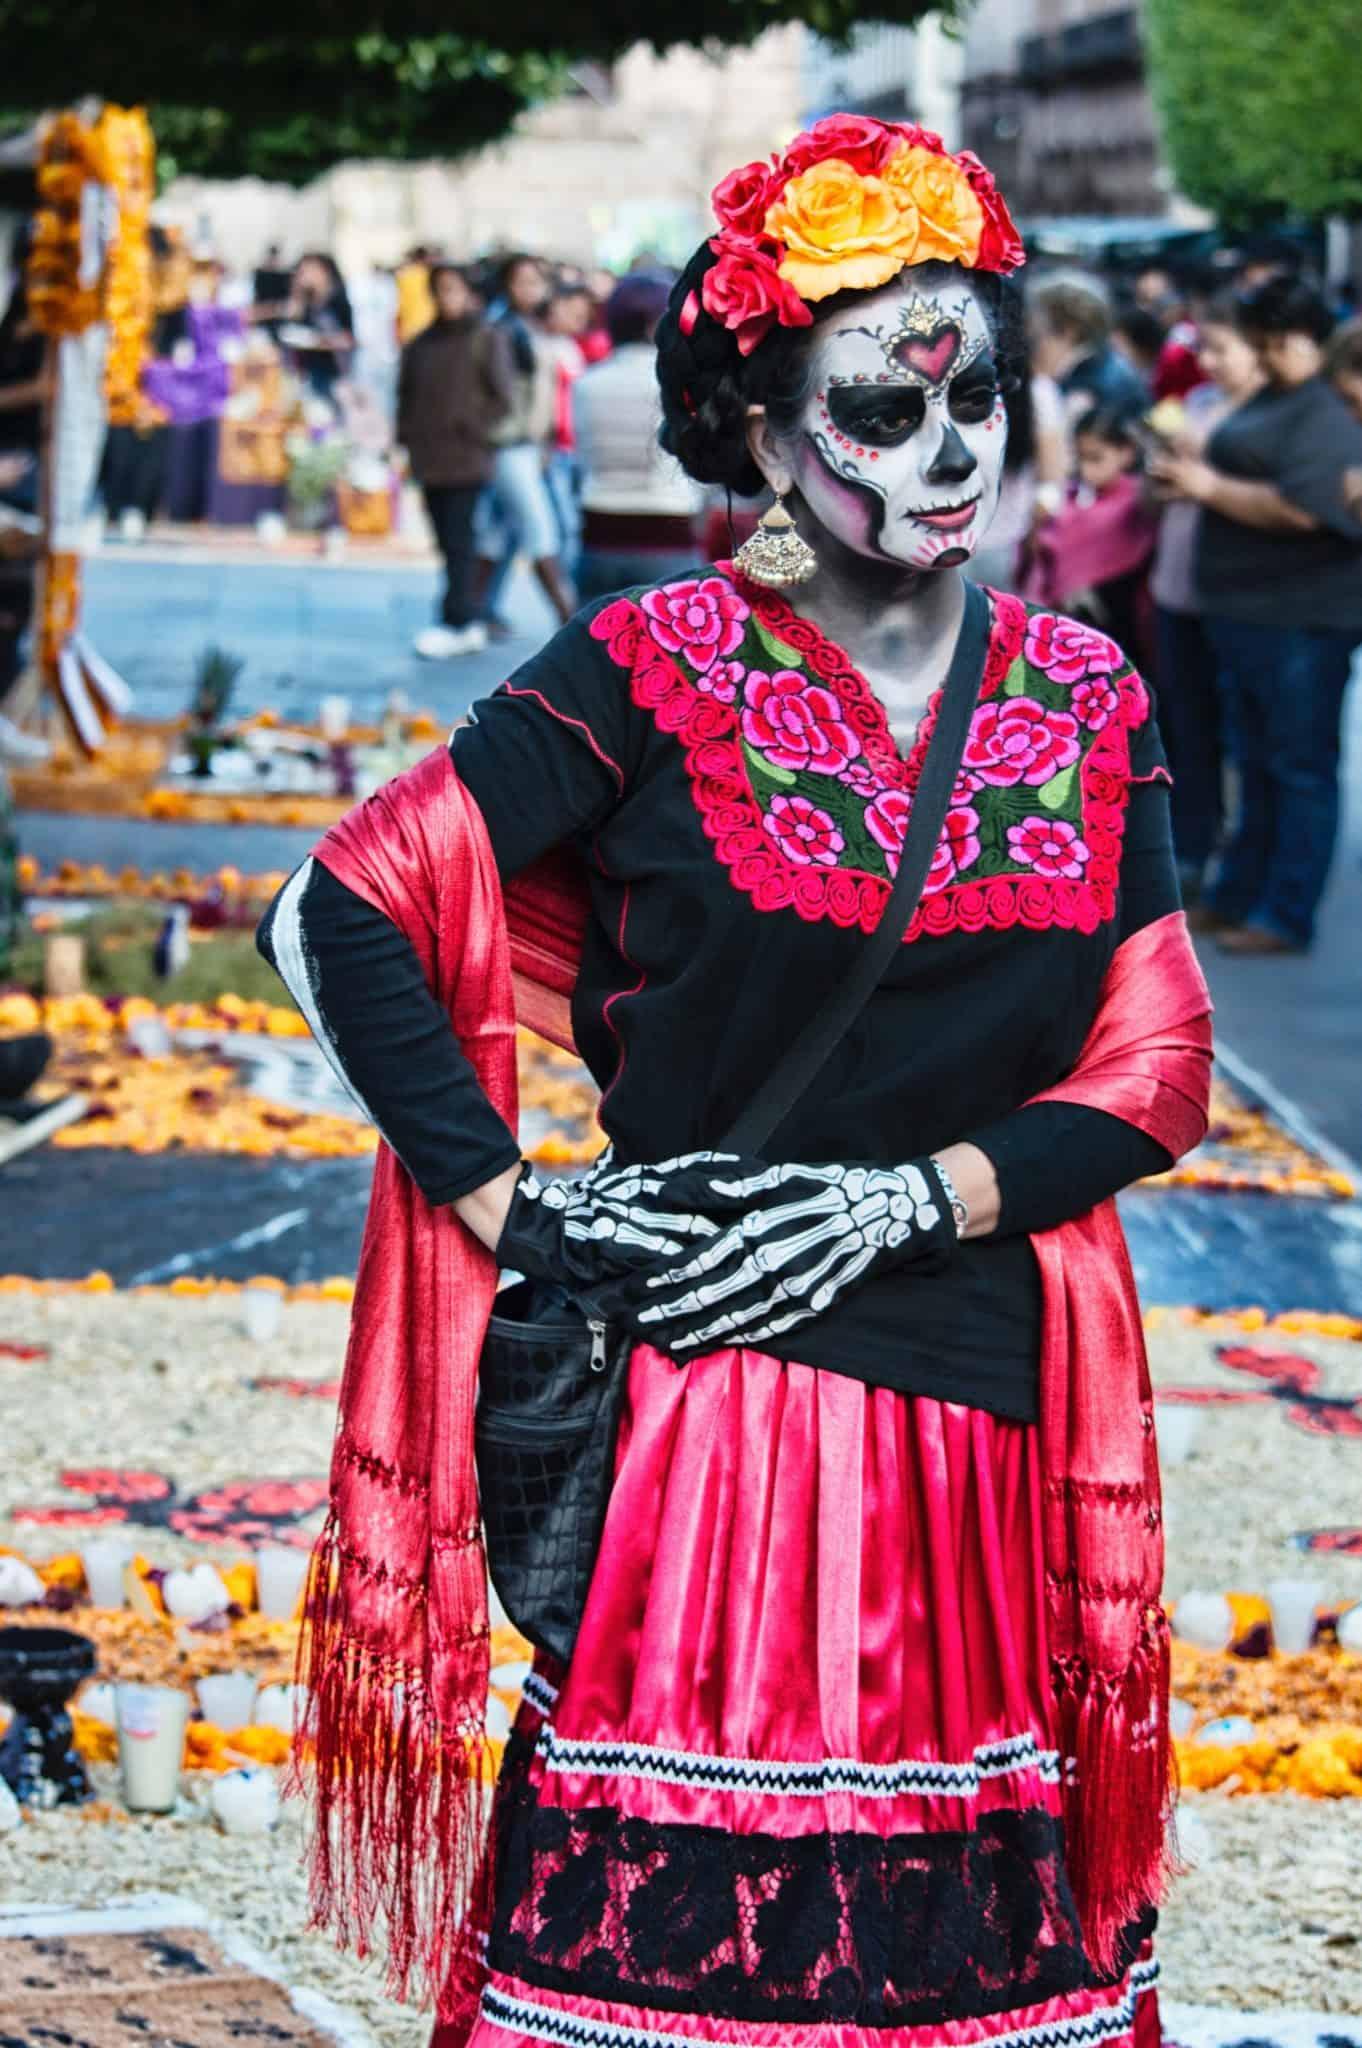 The Day of the Dead - Calavera and dia de los Muertos in Mexico